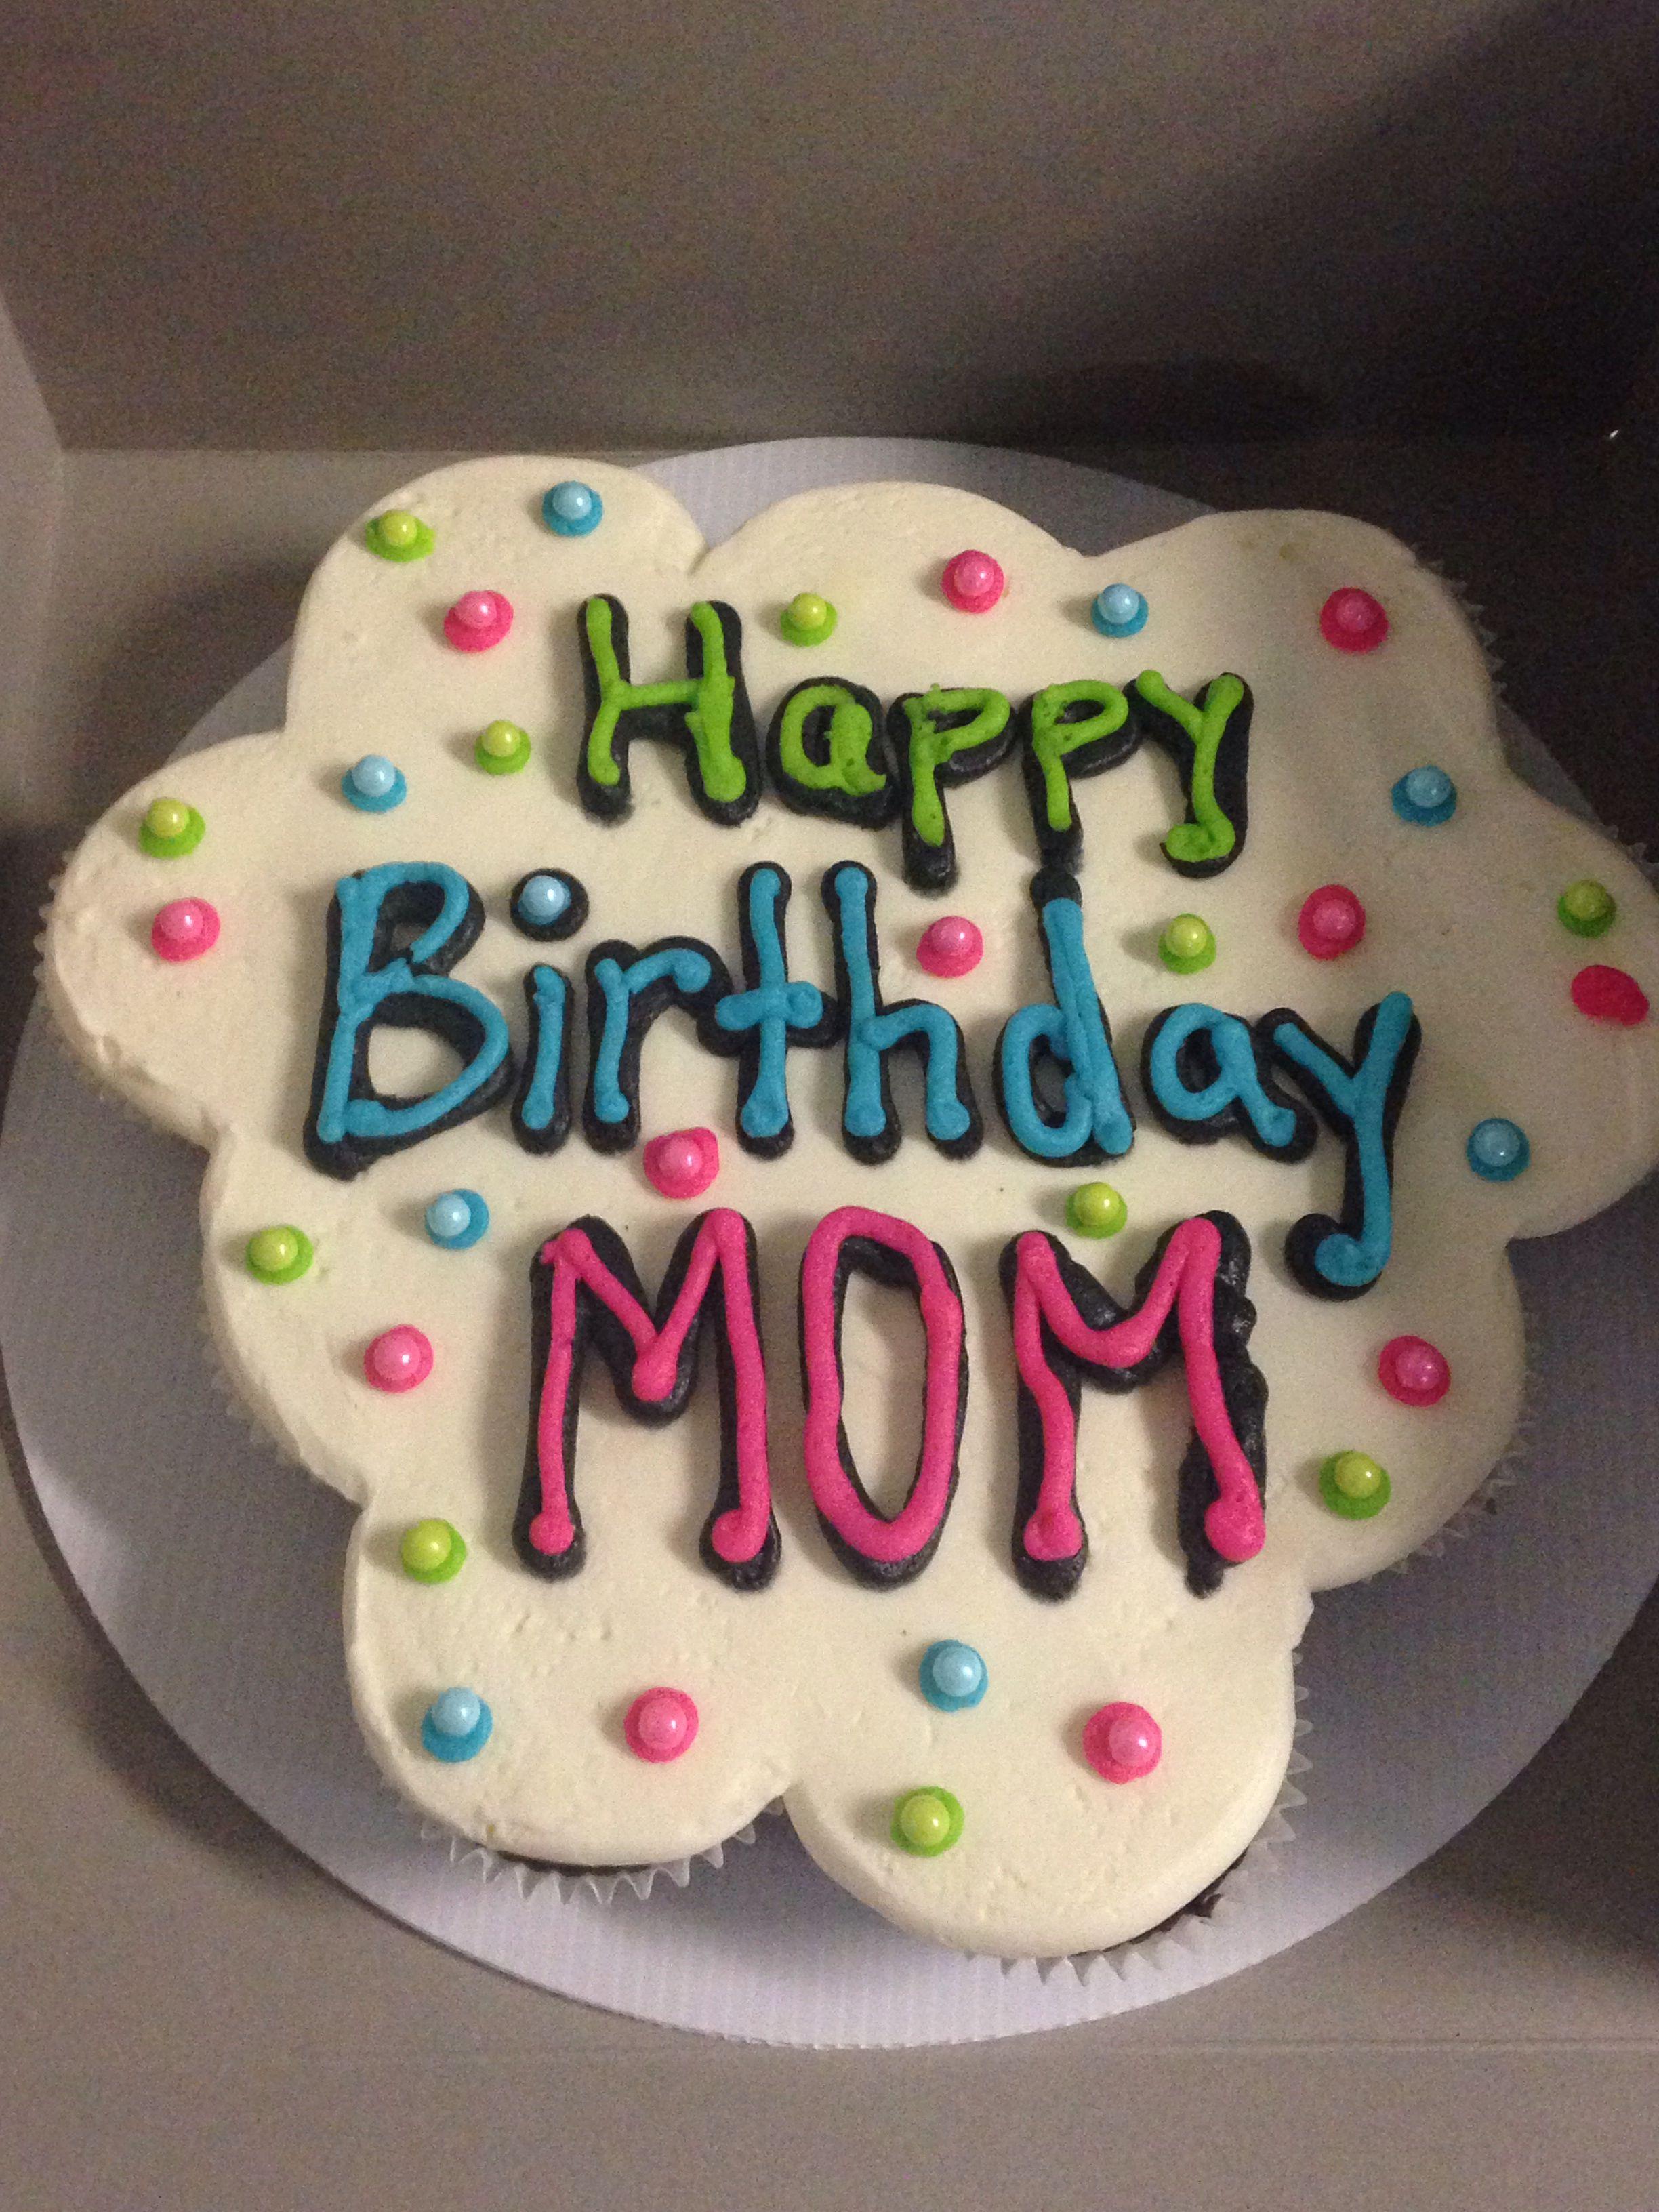 Happy Birthday Mom Cupcake Cake Happy Birthday Cakes Birthday Cake For Mom Happy Birthday Cake Images